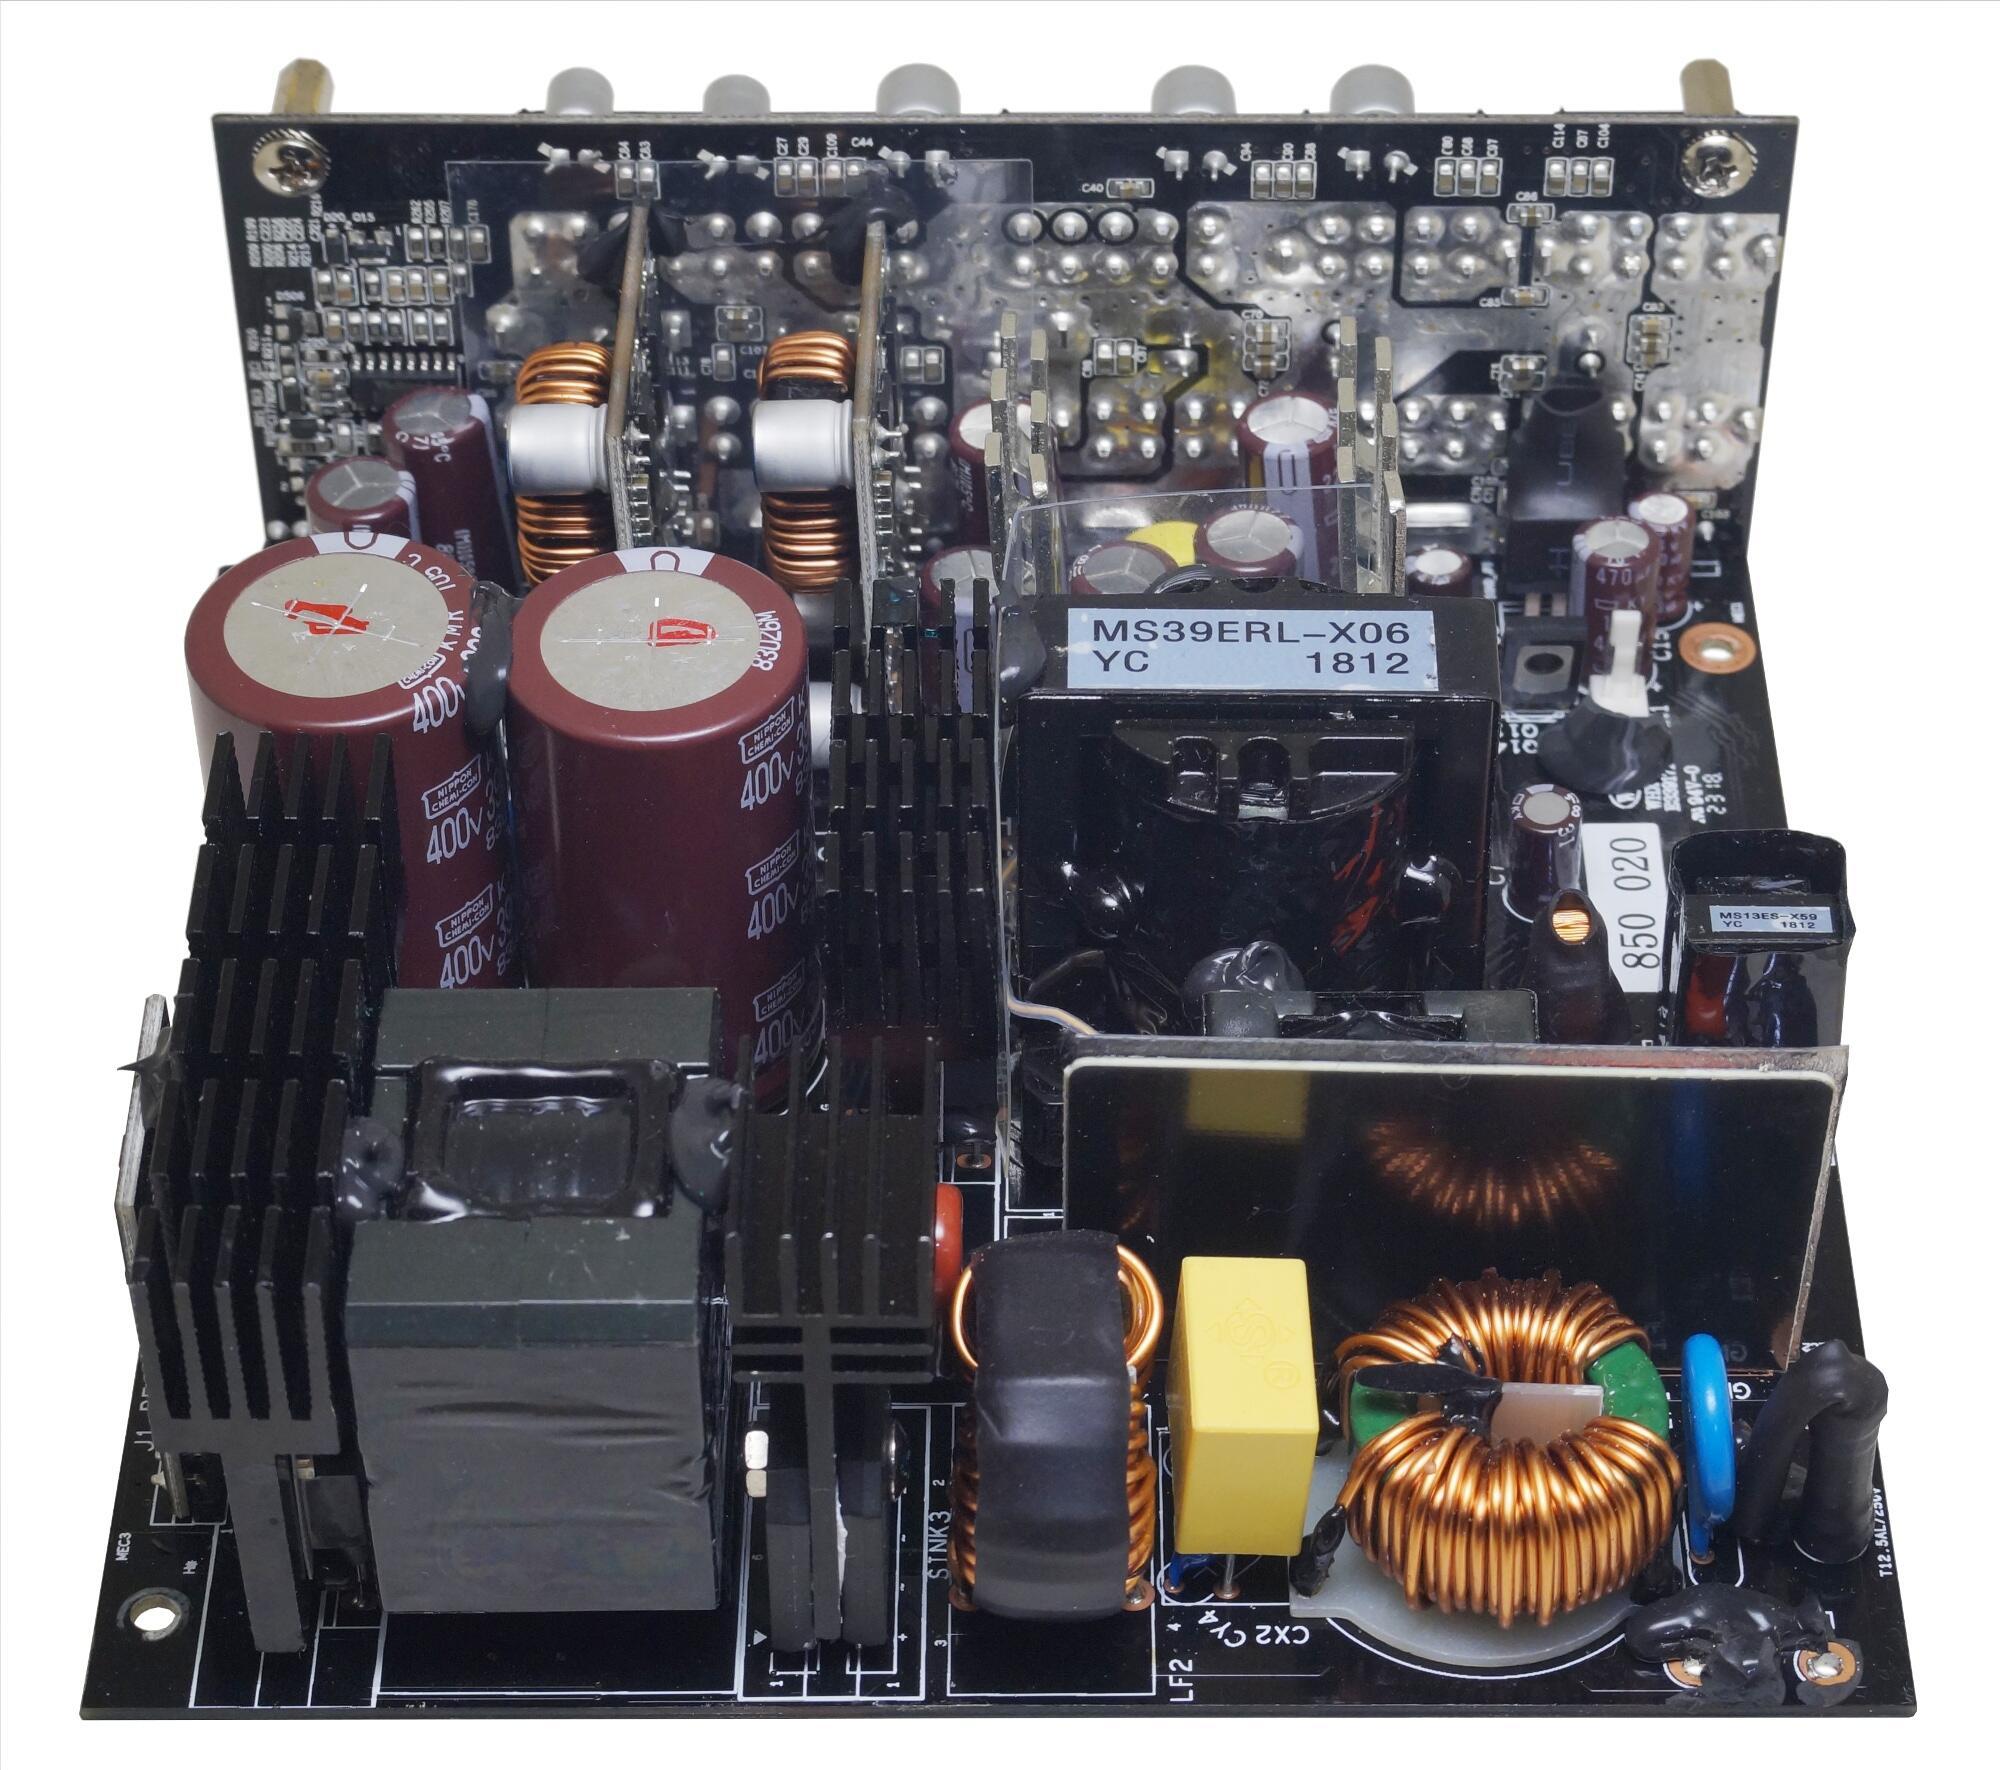 Kompyutery i komplektuyushcie - Obzor bloka pitaniya Gigabyte Aorus P850W